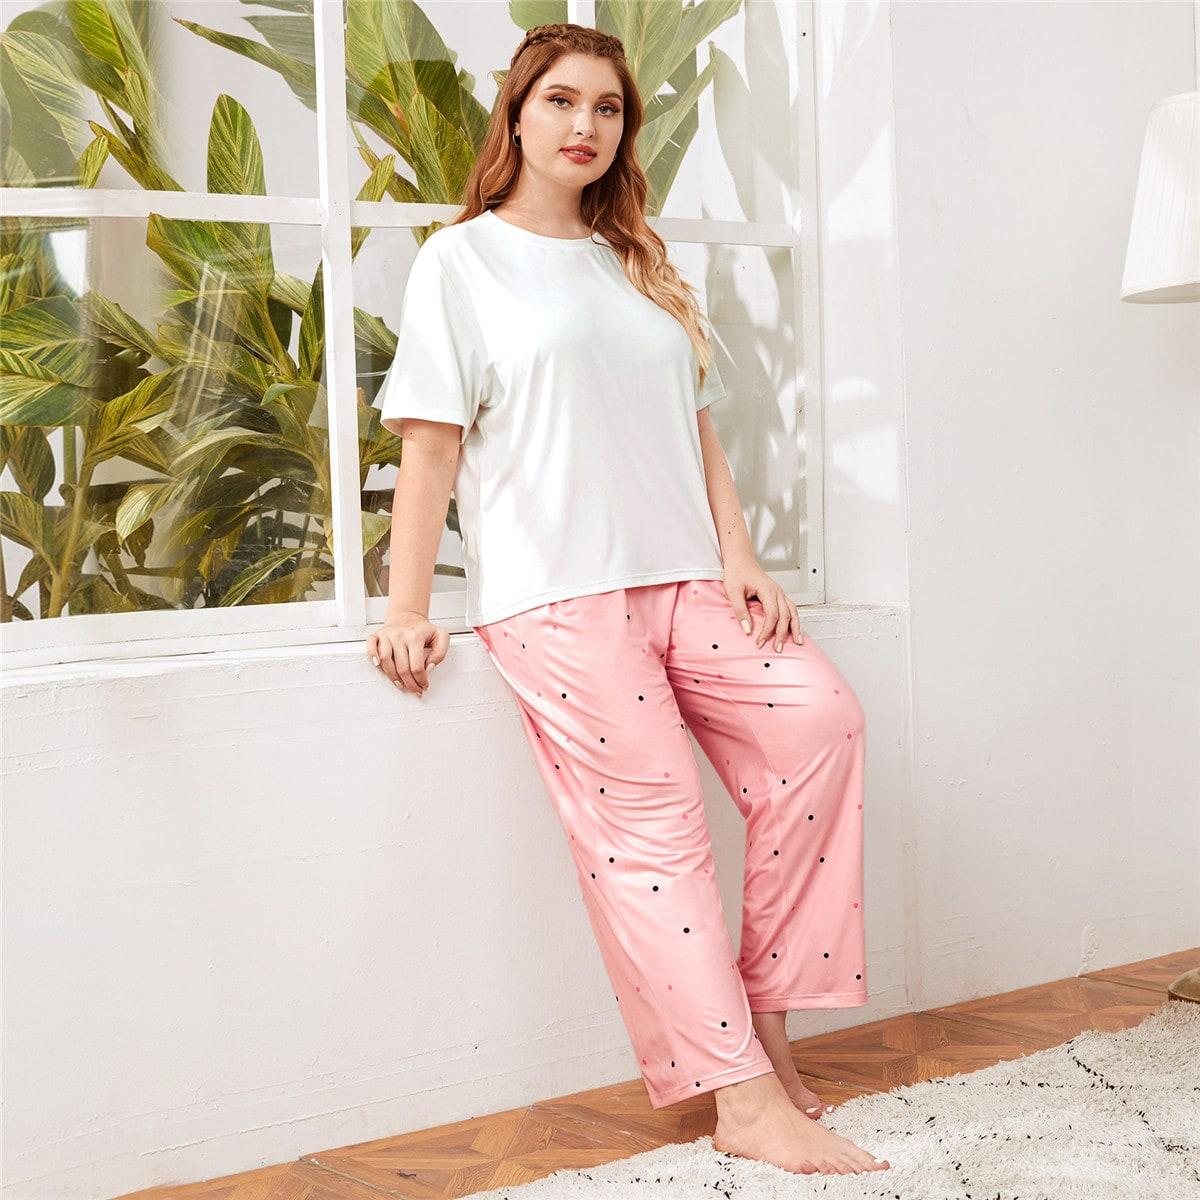 Пижама размера плюс в горошек с коротким рукавом фото